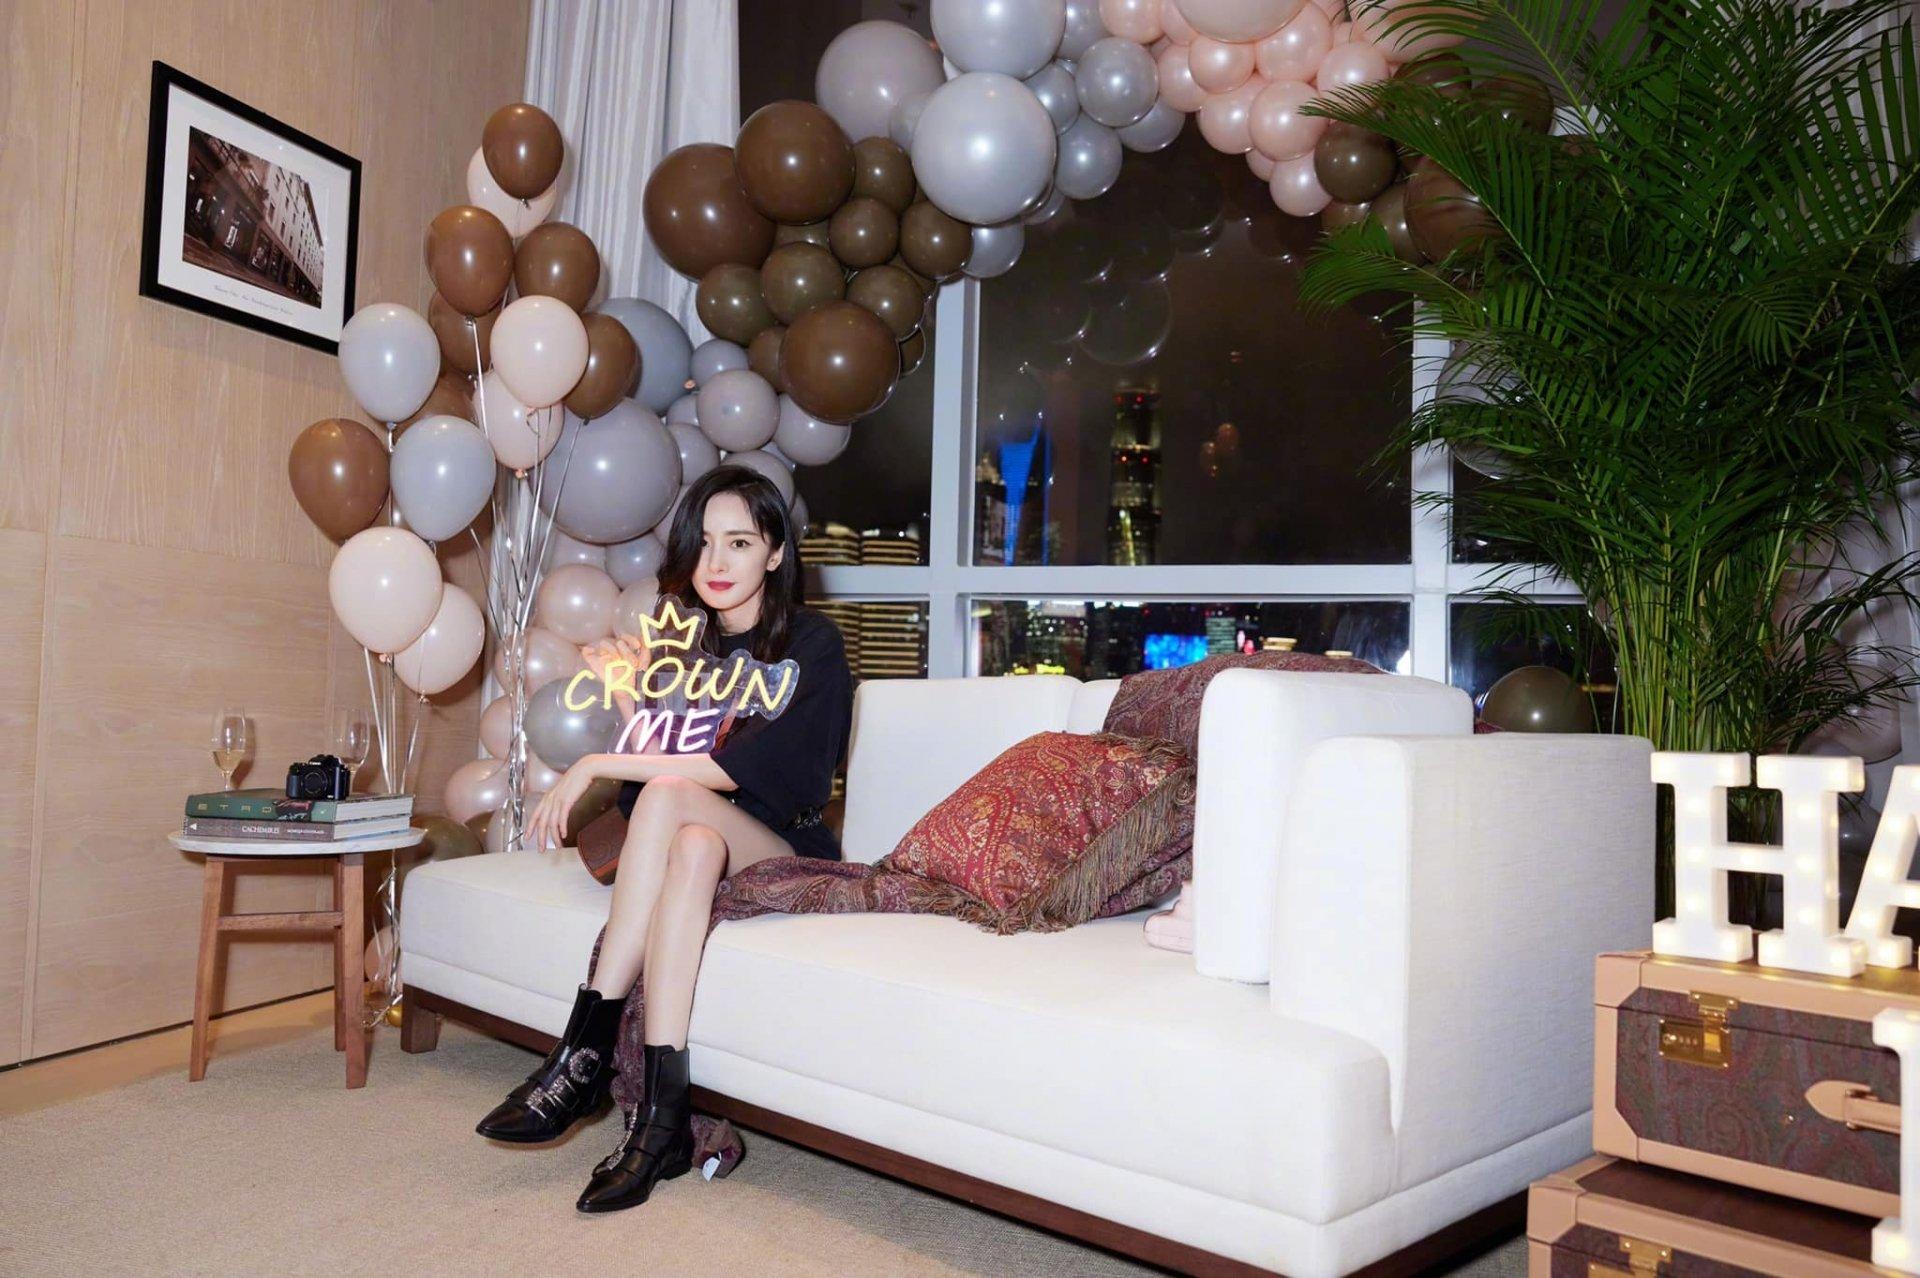 Sinh nhật tuổi 35 của Dương Mịch: Người hồ hởi chúc mừng, kẻ nhân cơ hội 'bỉ bôi', chồng cũ hóa người dưng 3